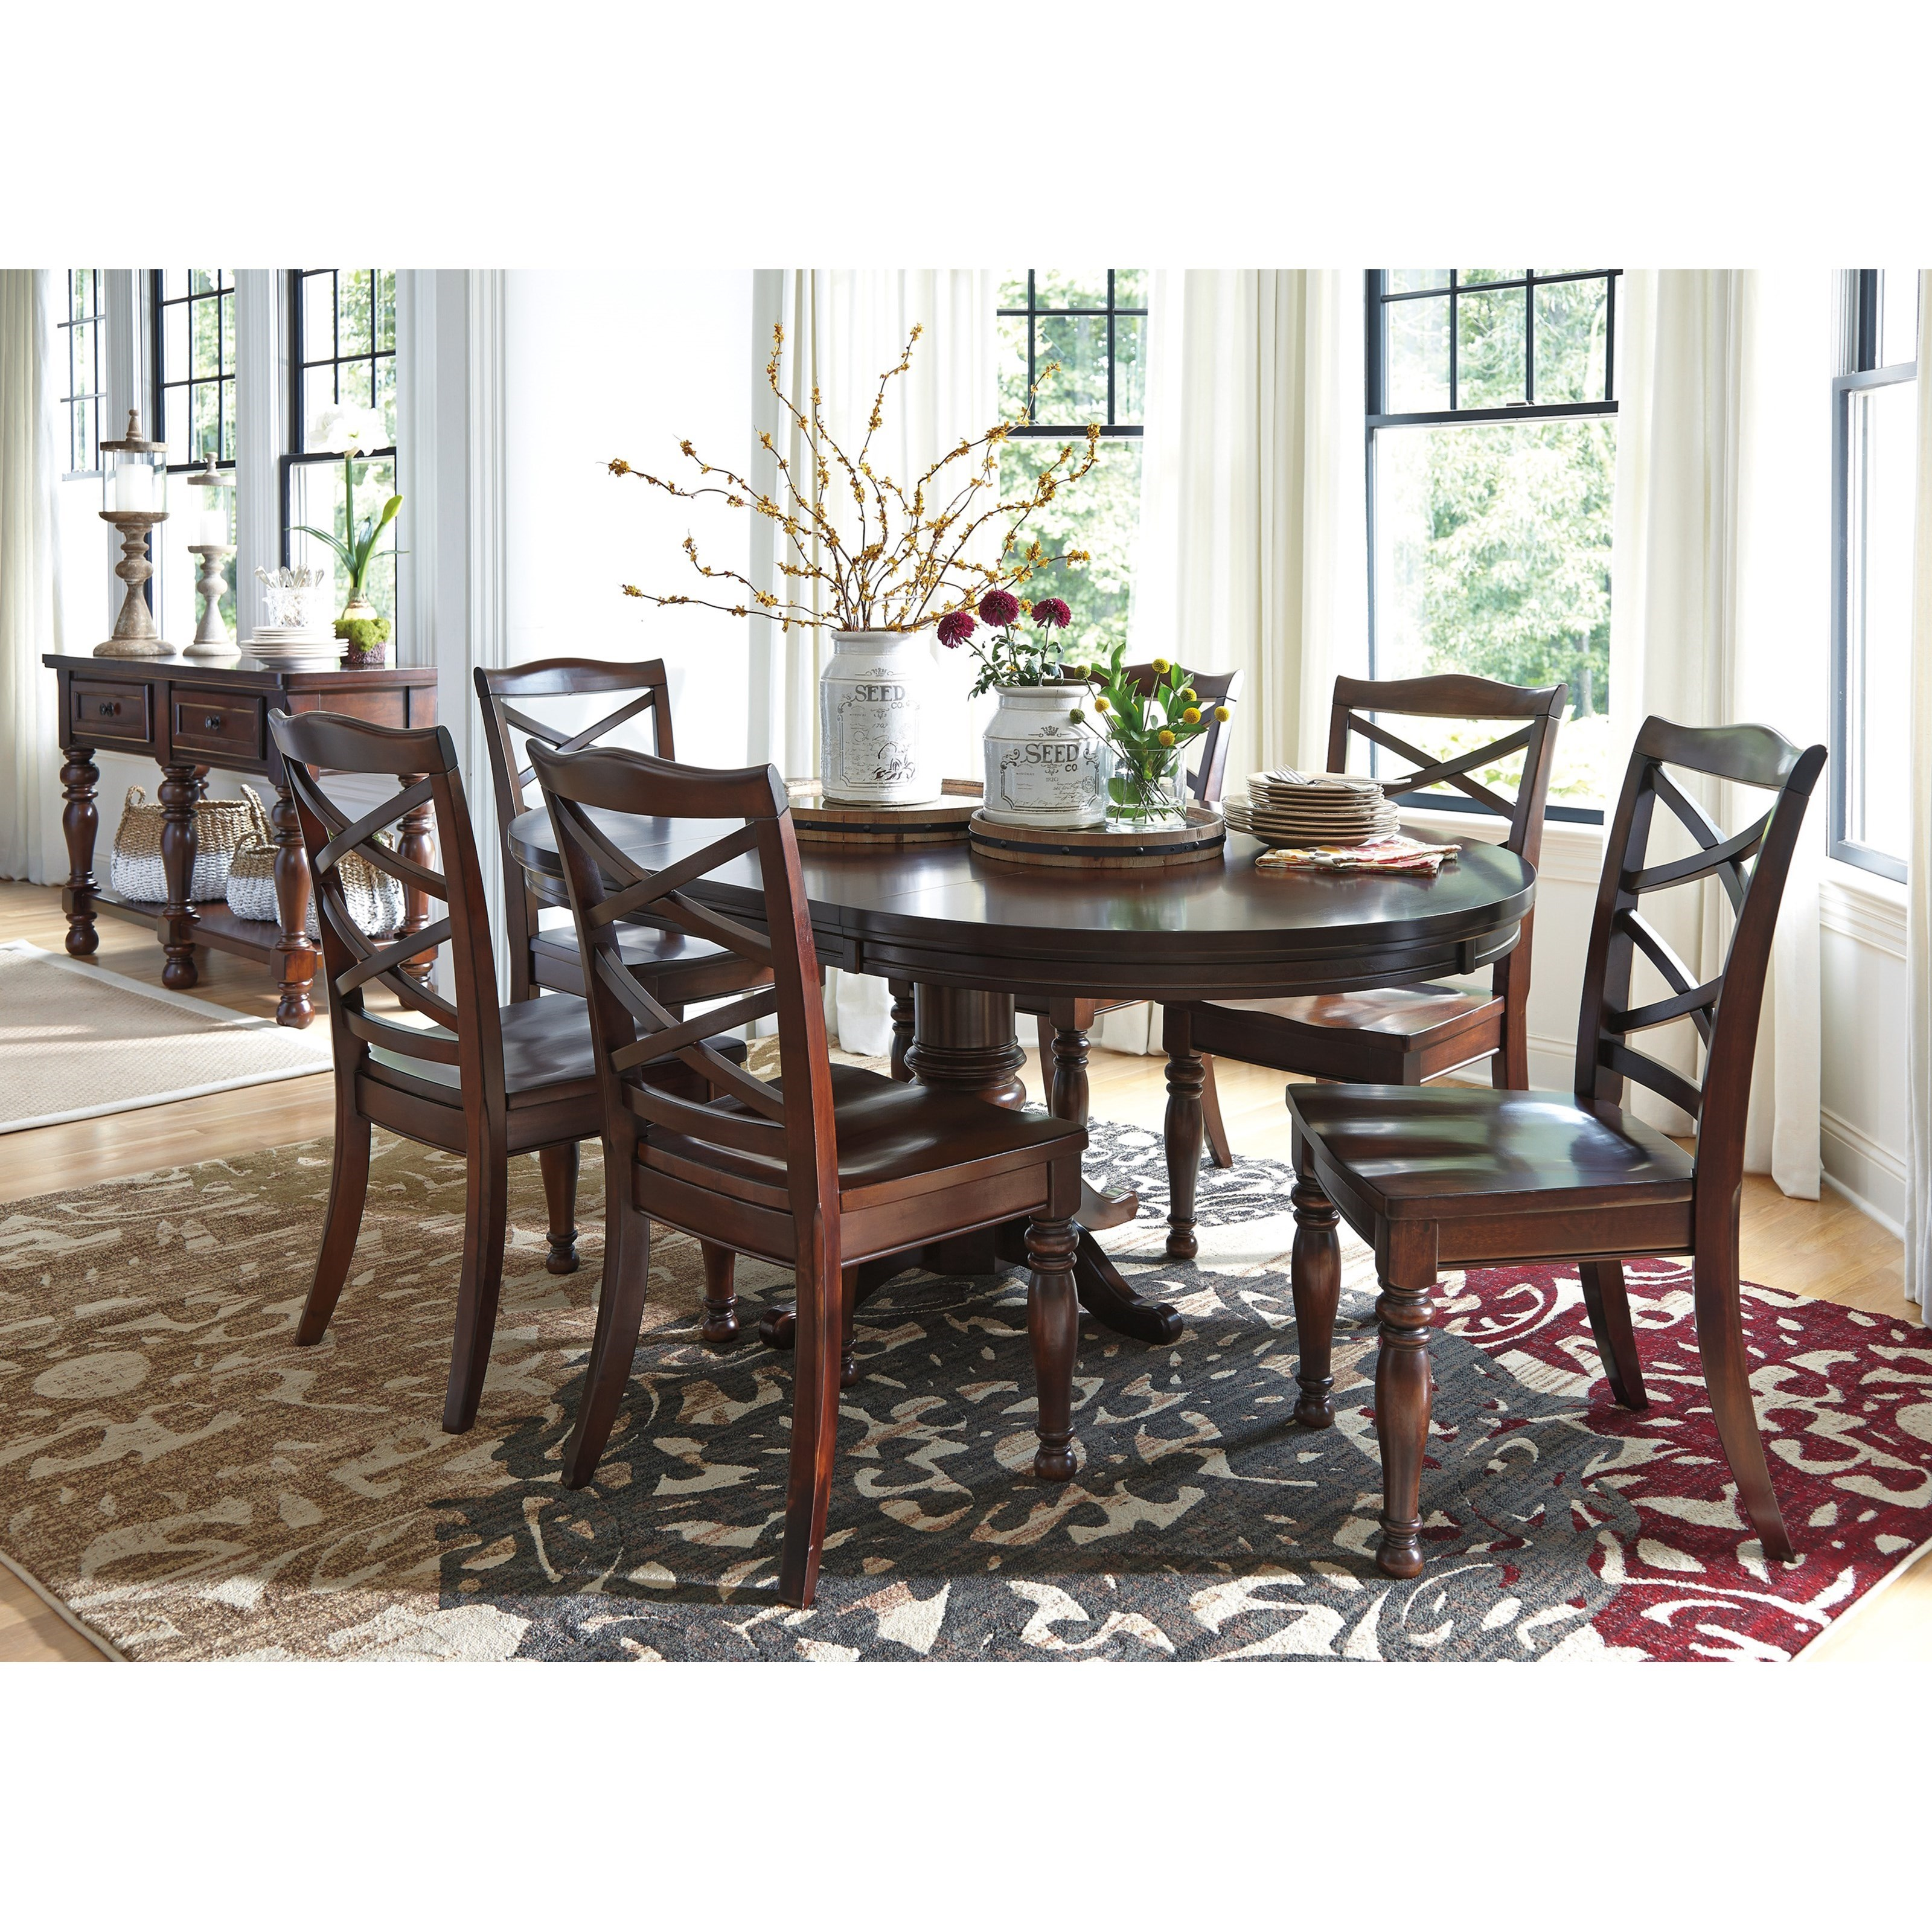 ashley furniture porter round dining room pedestal table with leaf pilgrim furniture city. Black Bedroom Furniture Sets. Home Design Ideas